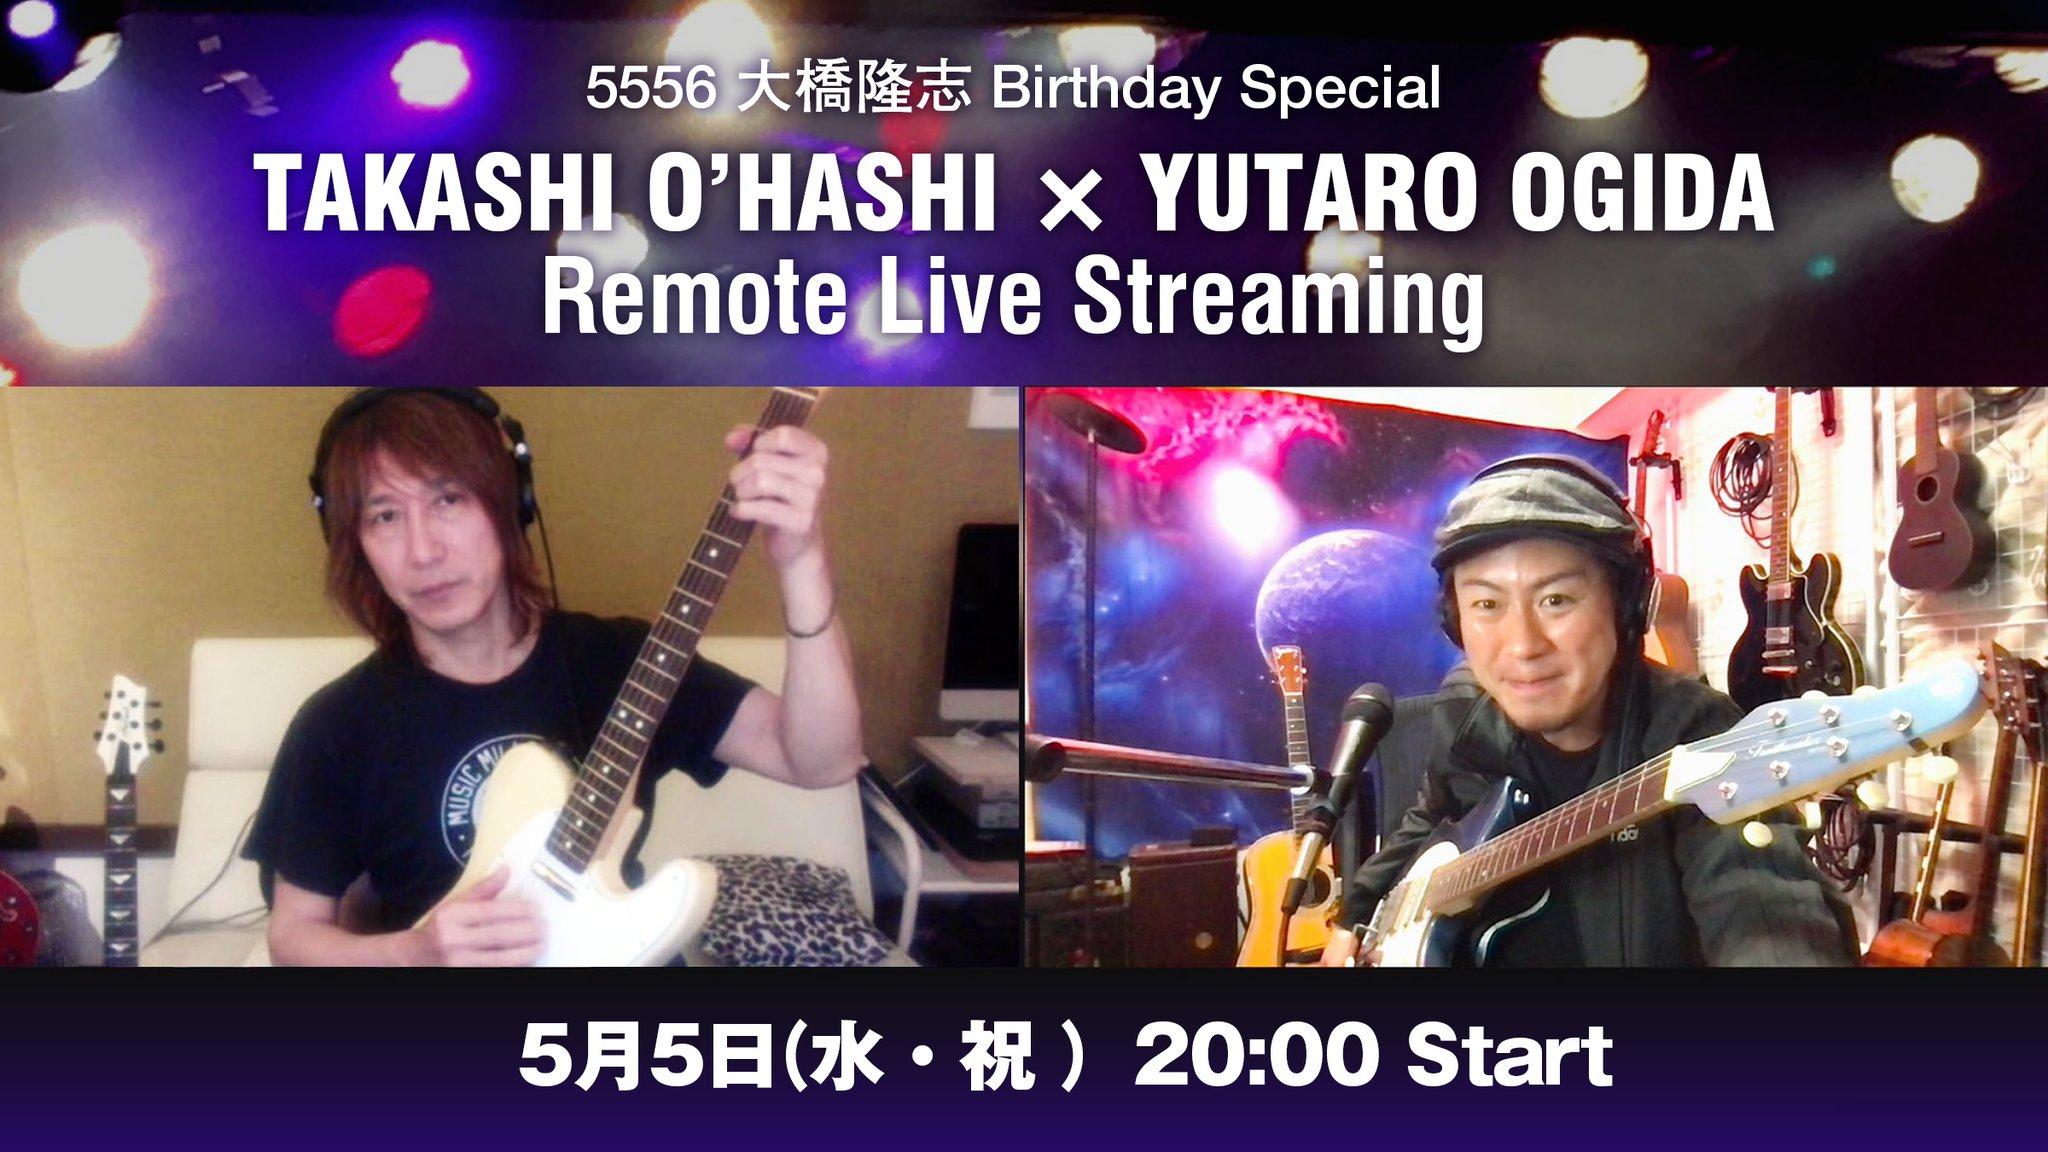 5月5日(水)20:00〜『5556 大橋隆志 Birthday Special Remote Live Streaming』